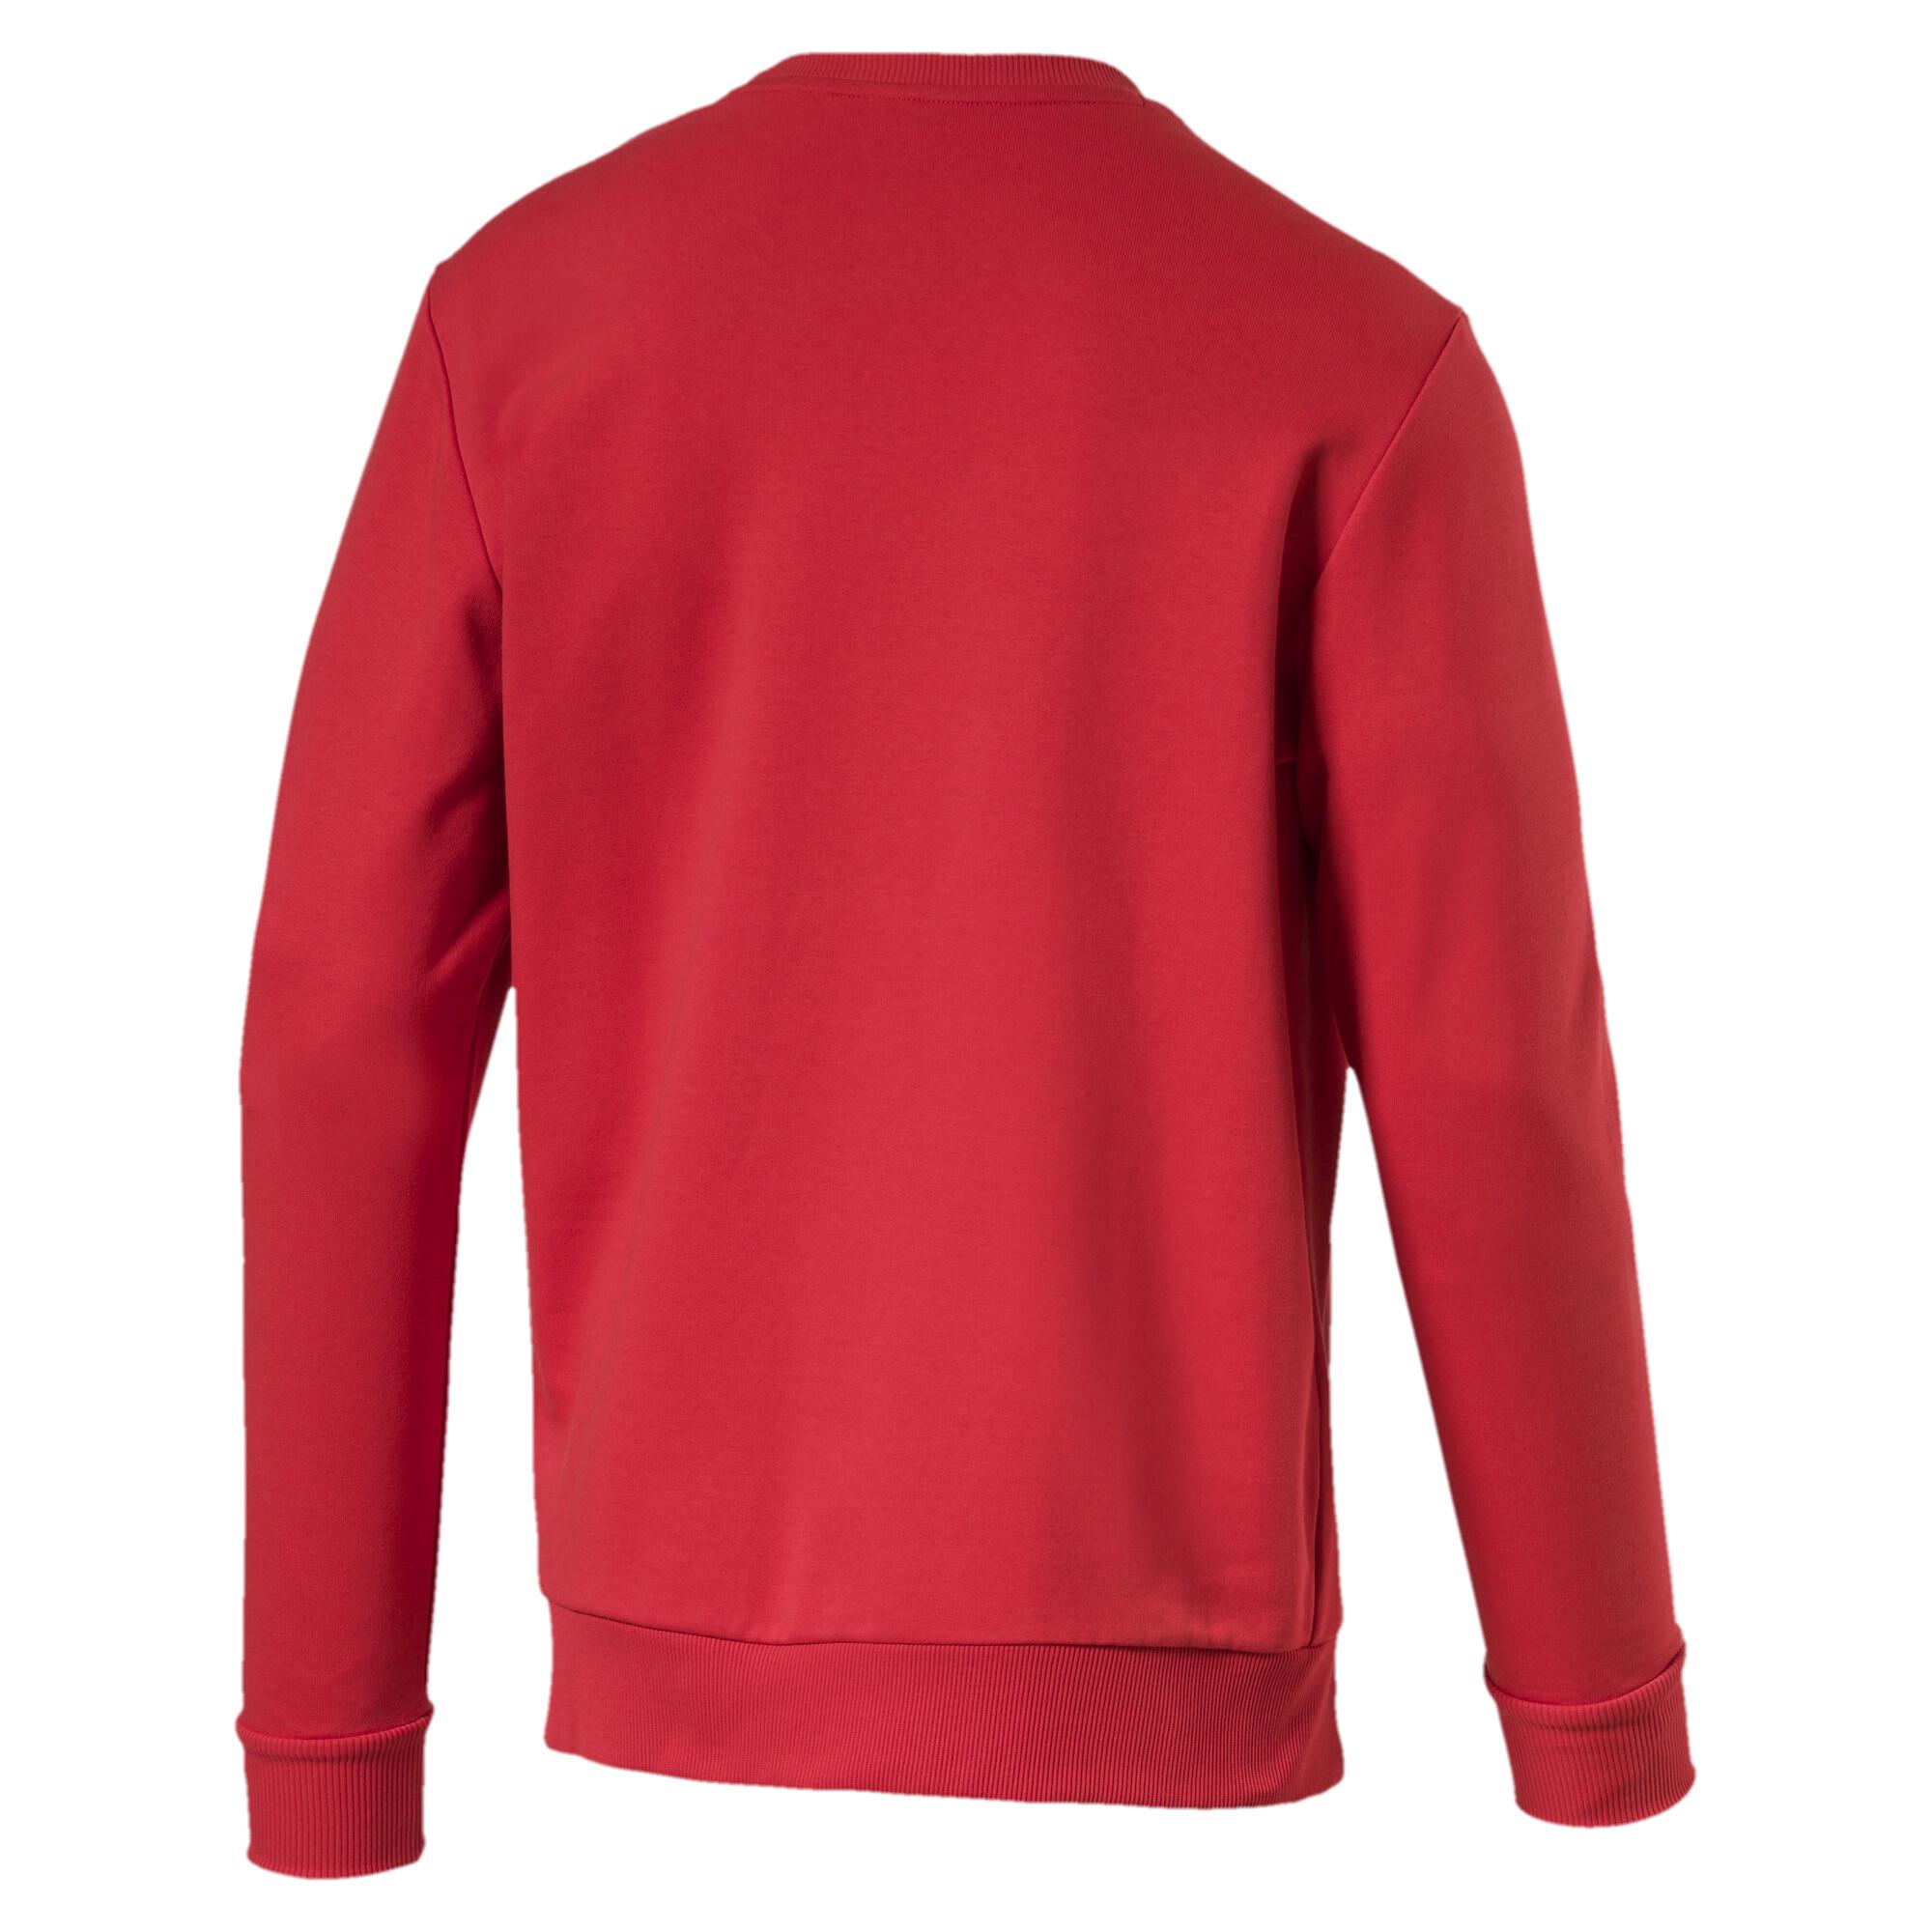 PUMA-Classics-Logo-Men-039-s-Crewneck-Sweatshirt-Men-Sweat-Sport-Classics thumbnail 7